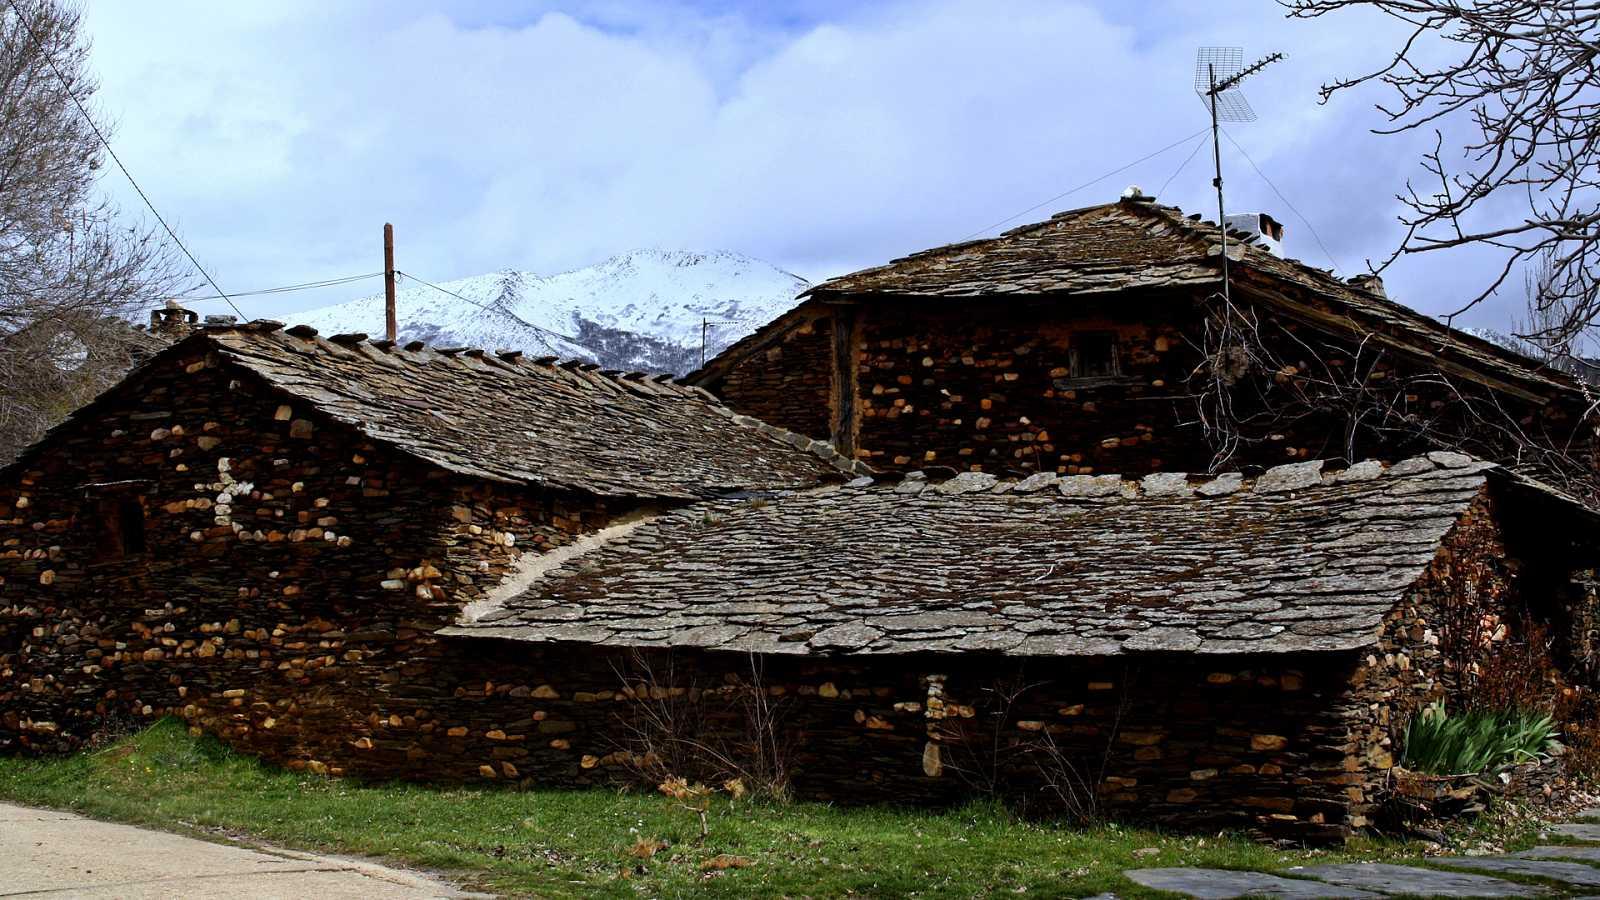 En clave turismo - Arquitectura Negra: pueblos de Guadalajara - 21/12/20 - Escuchar ahora